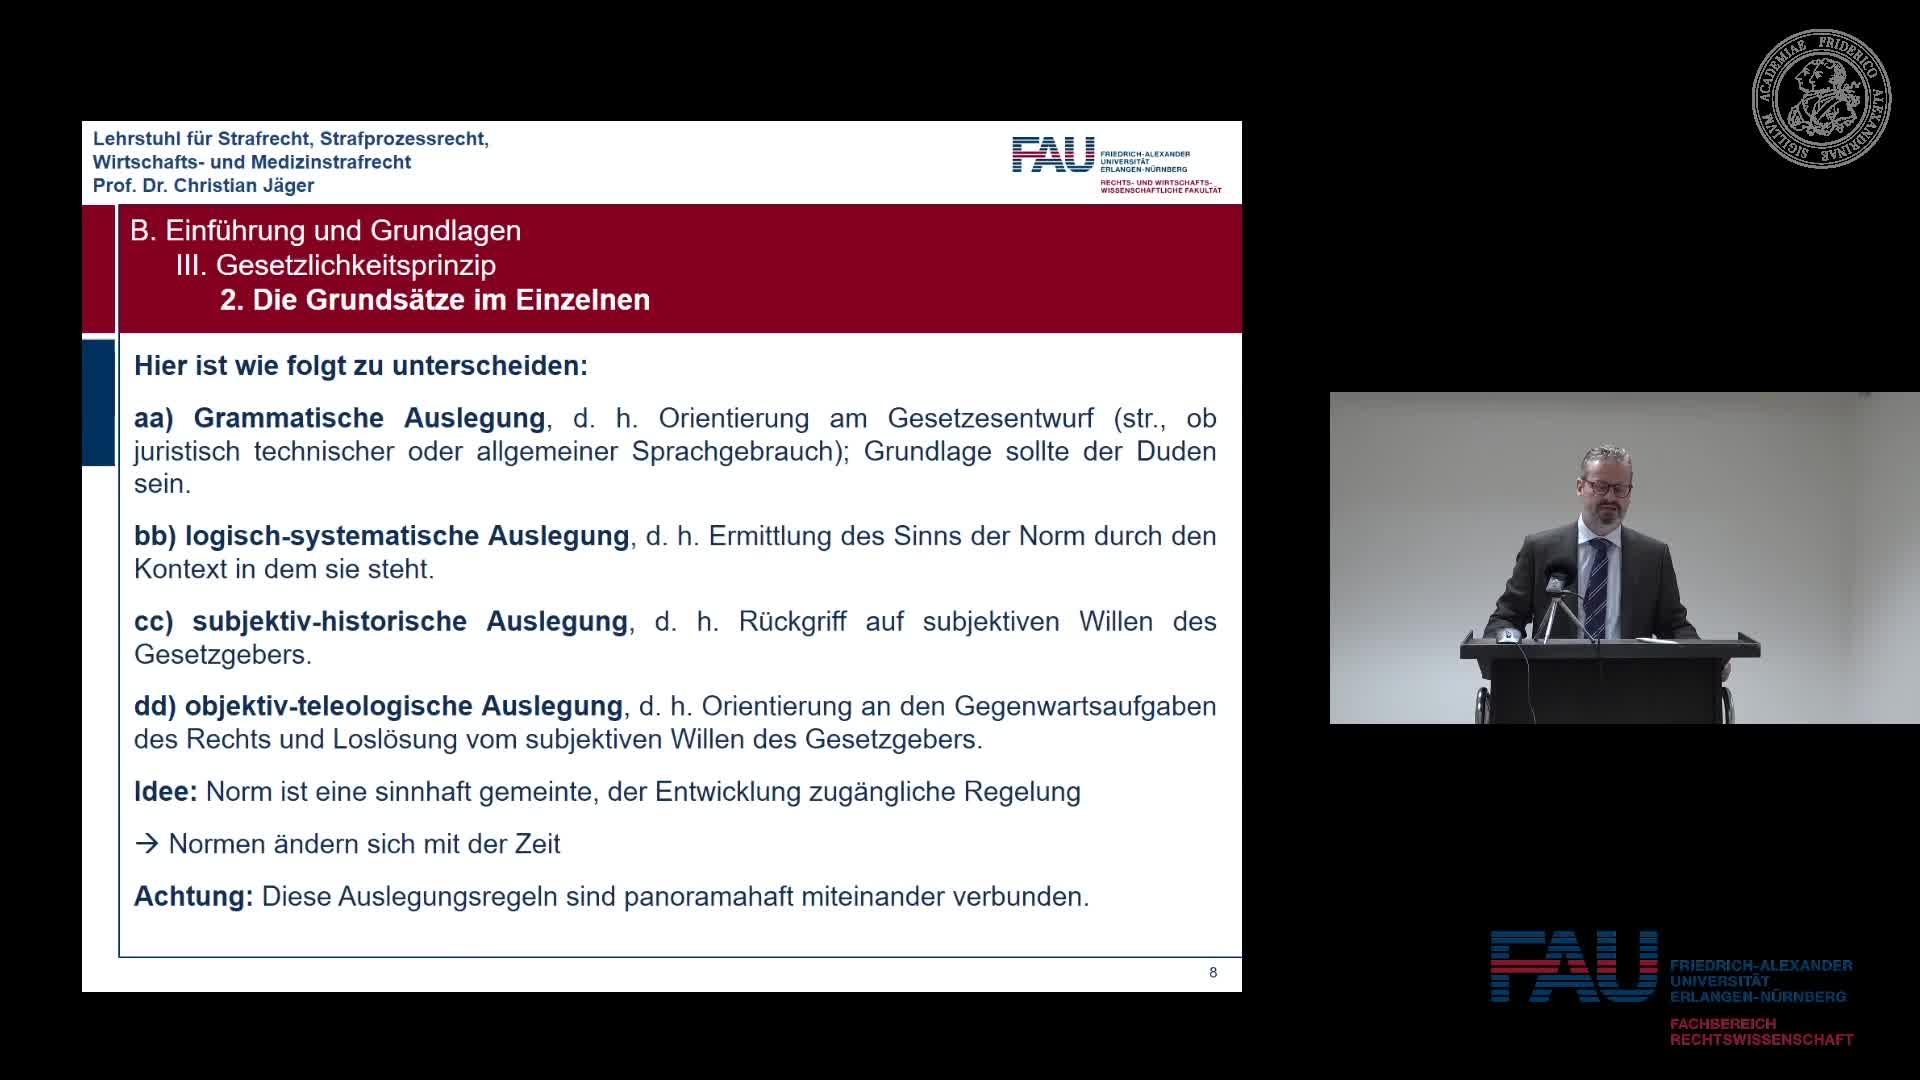 Grundkurs Strafrecht I - Einheit 4 preview image